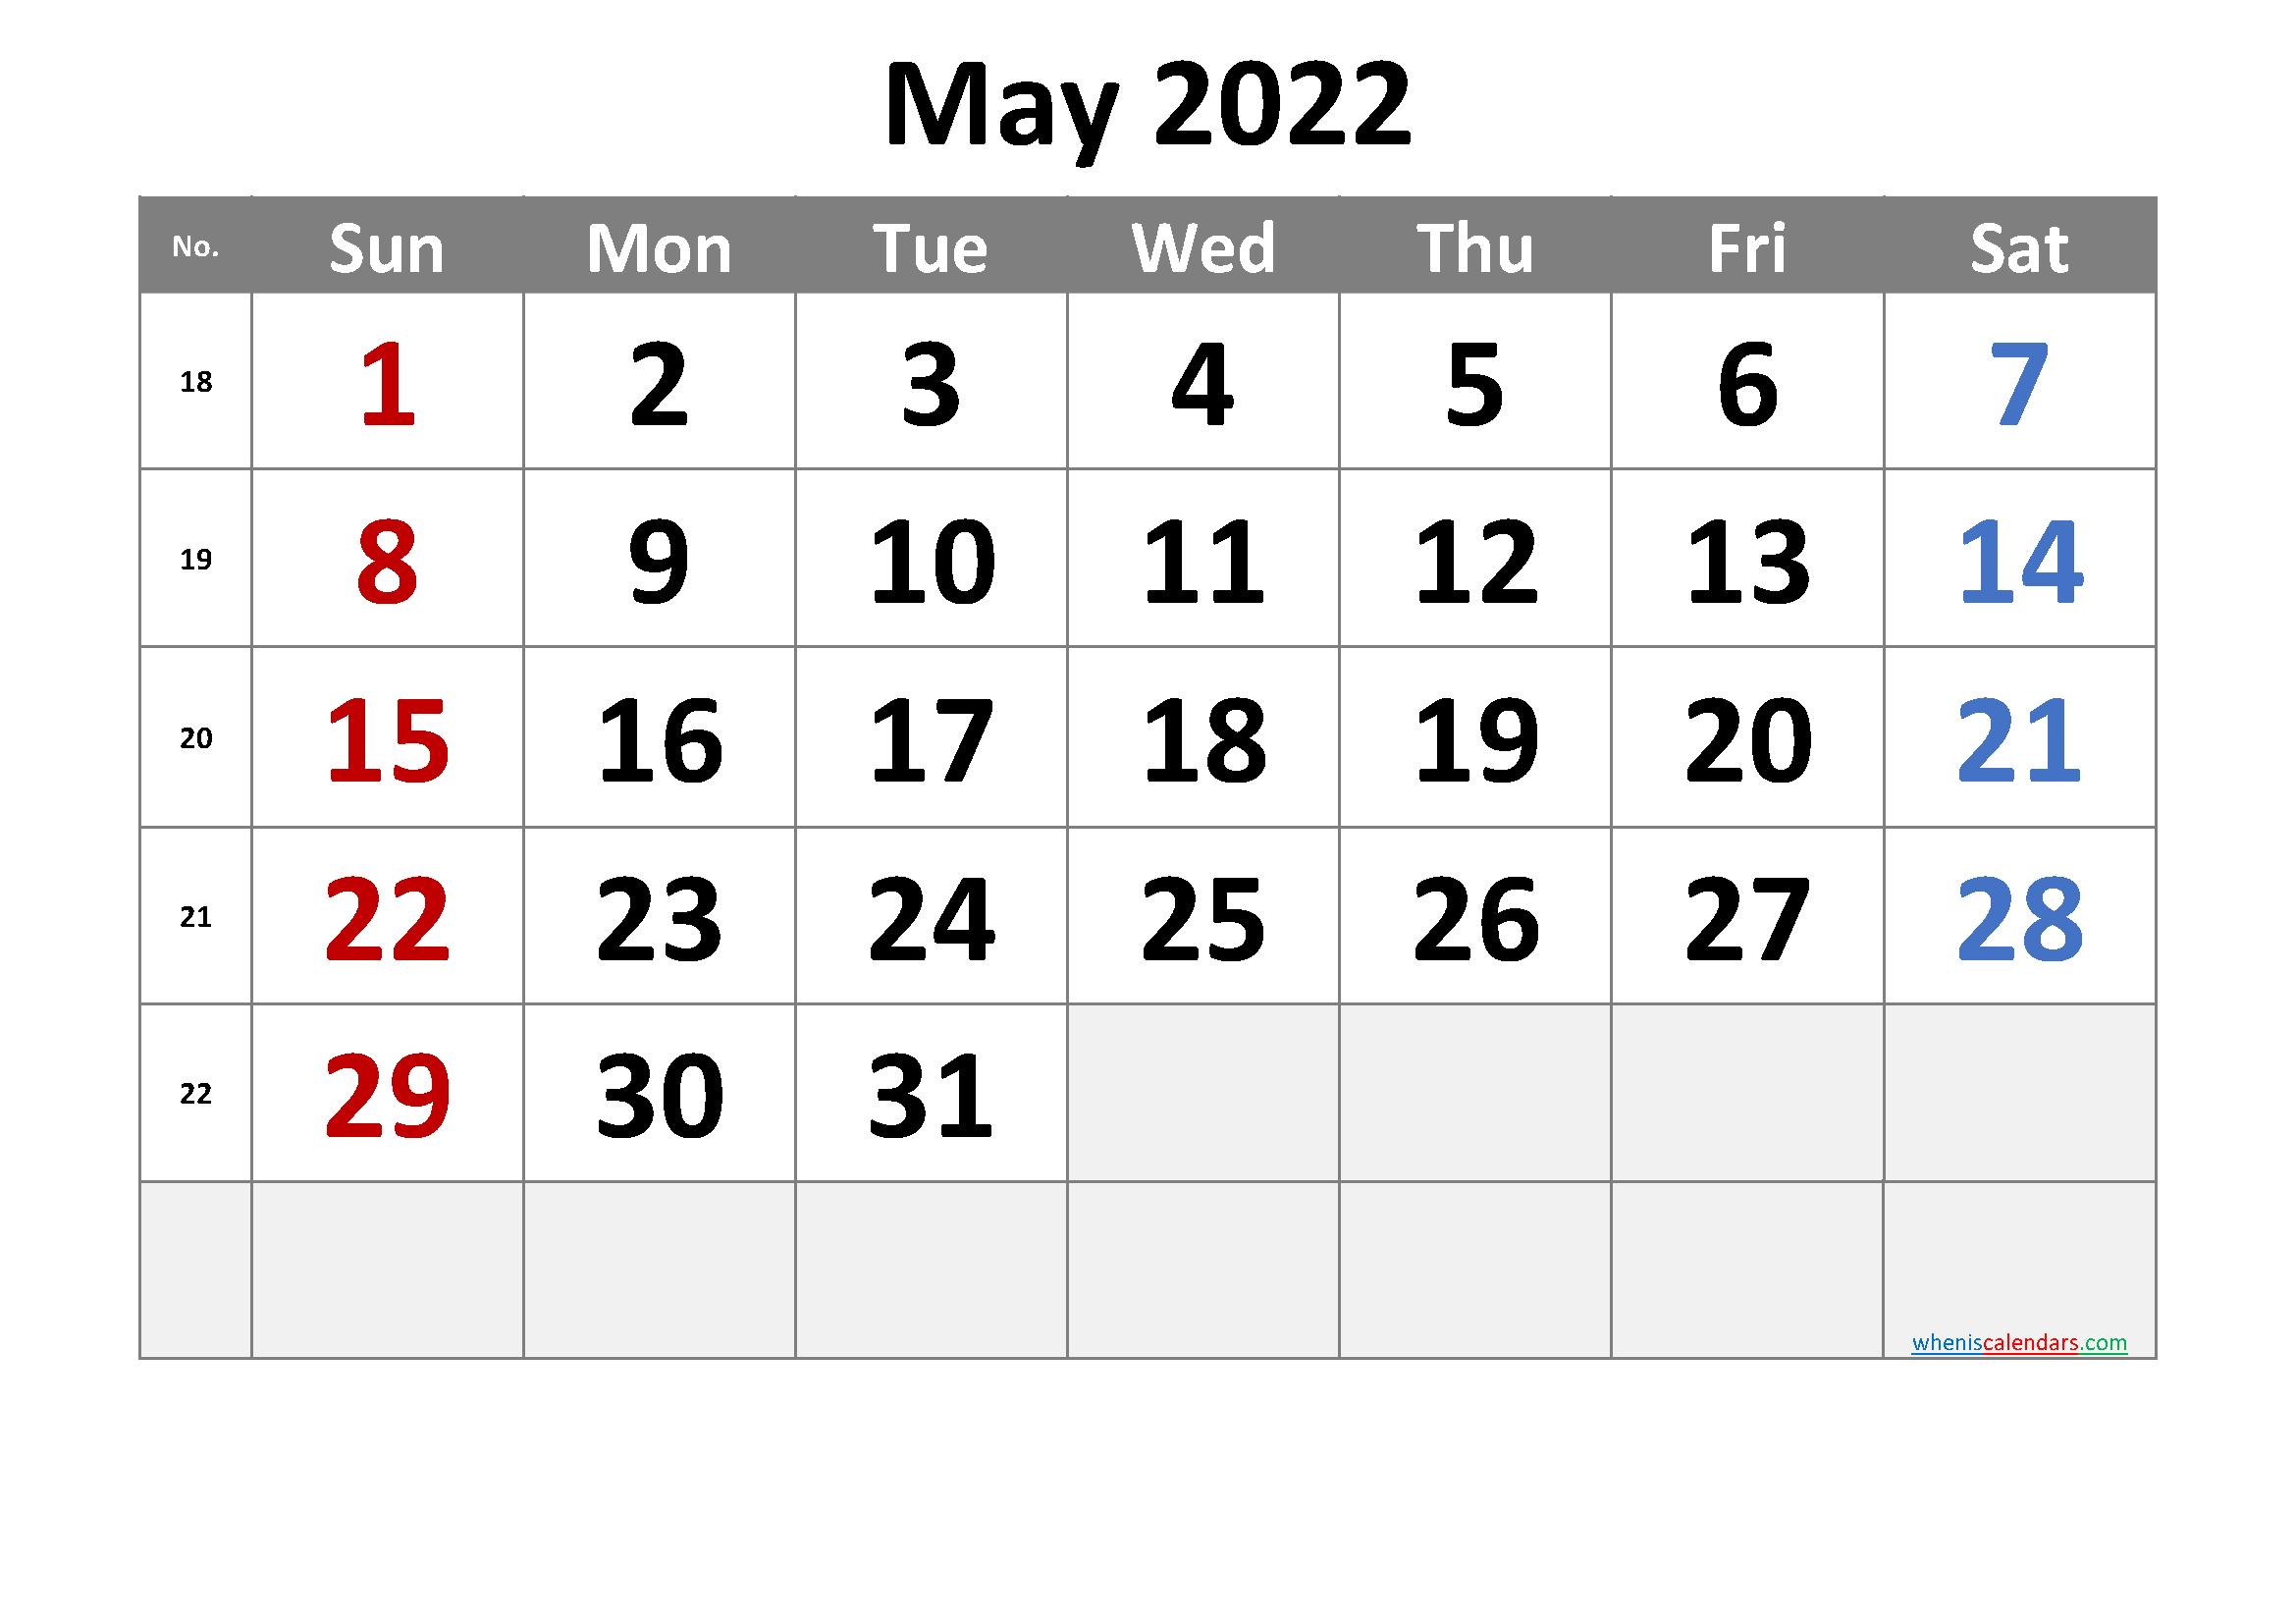 Printable May 2022 Calendar with Week Numbers